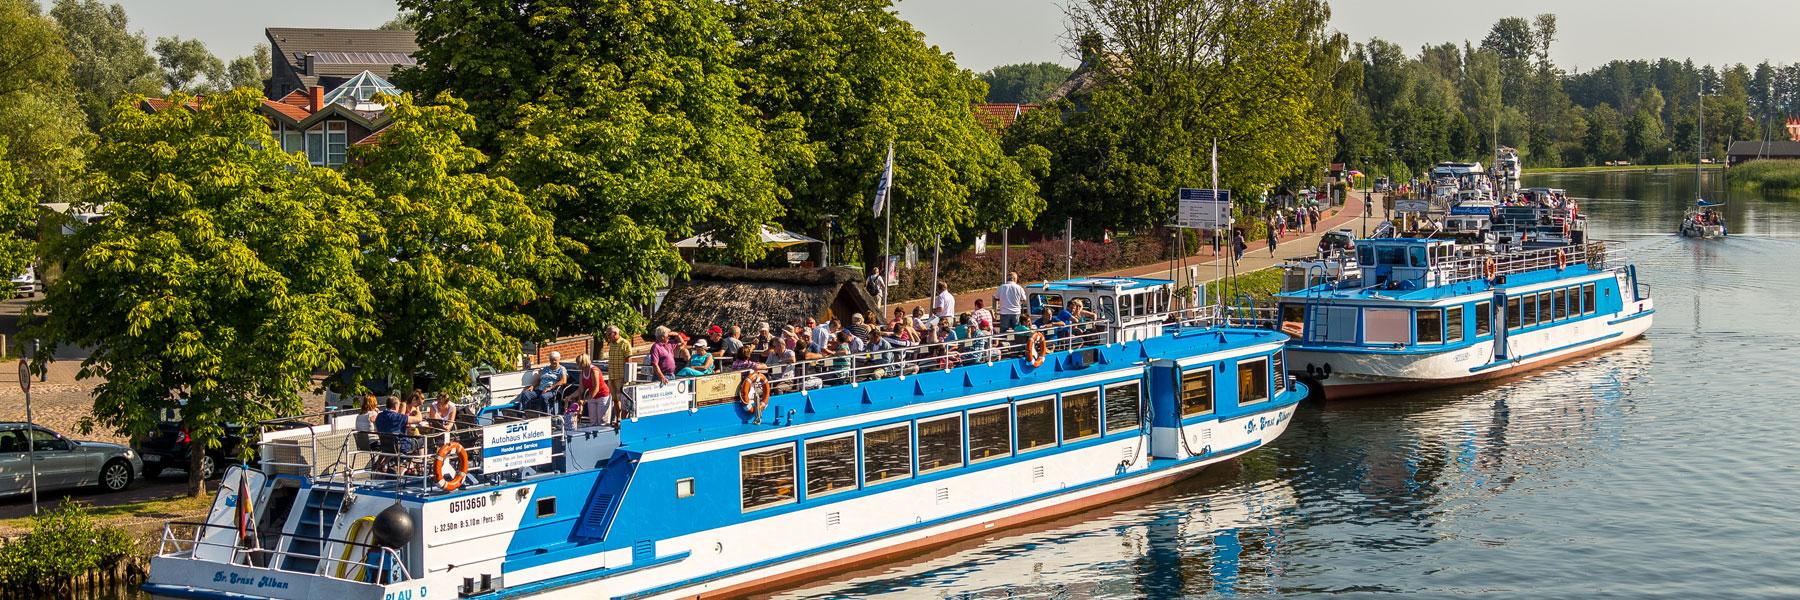 In Plau - Fahrgastschifffahrt Wichmann